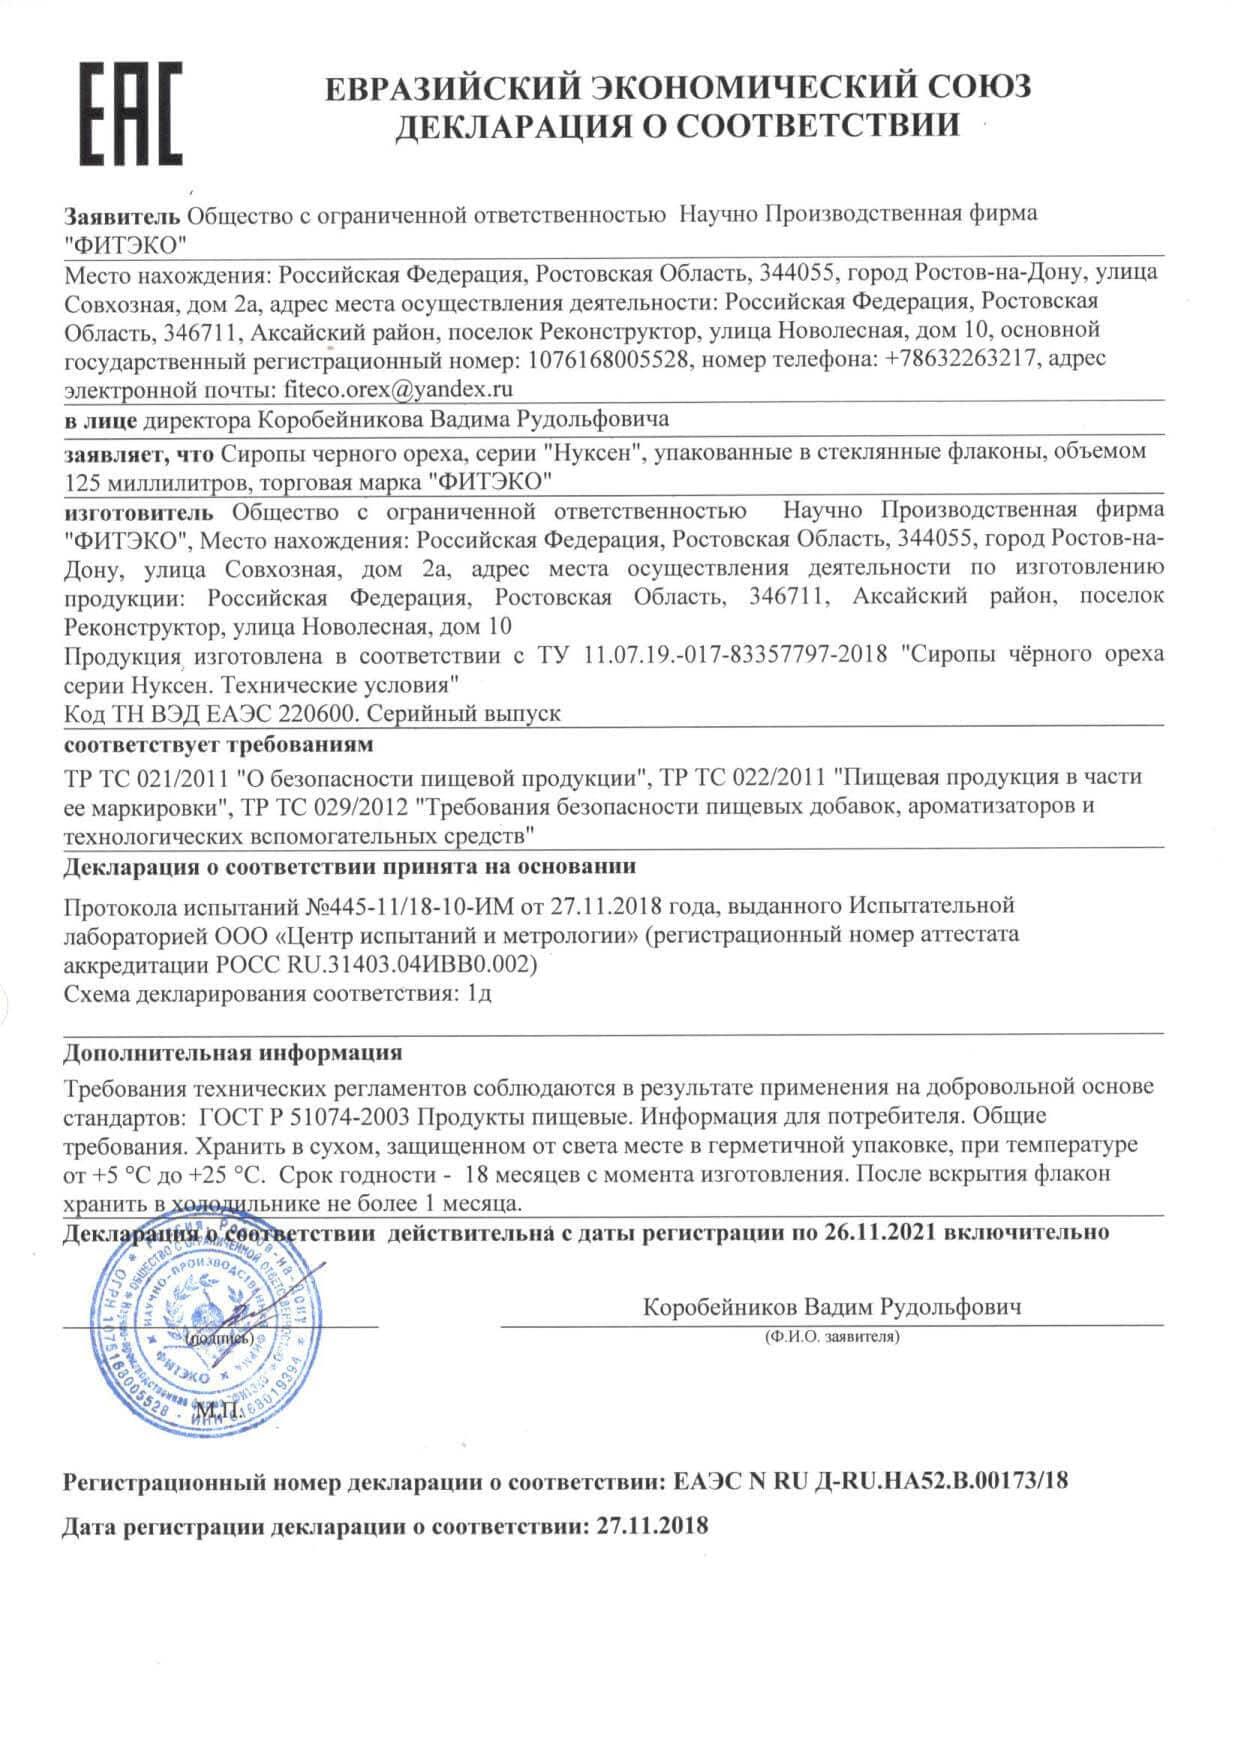 ДС-Сиропы-Нуксен